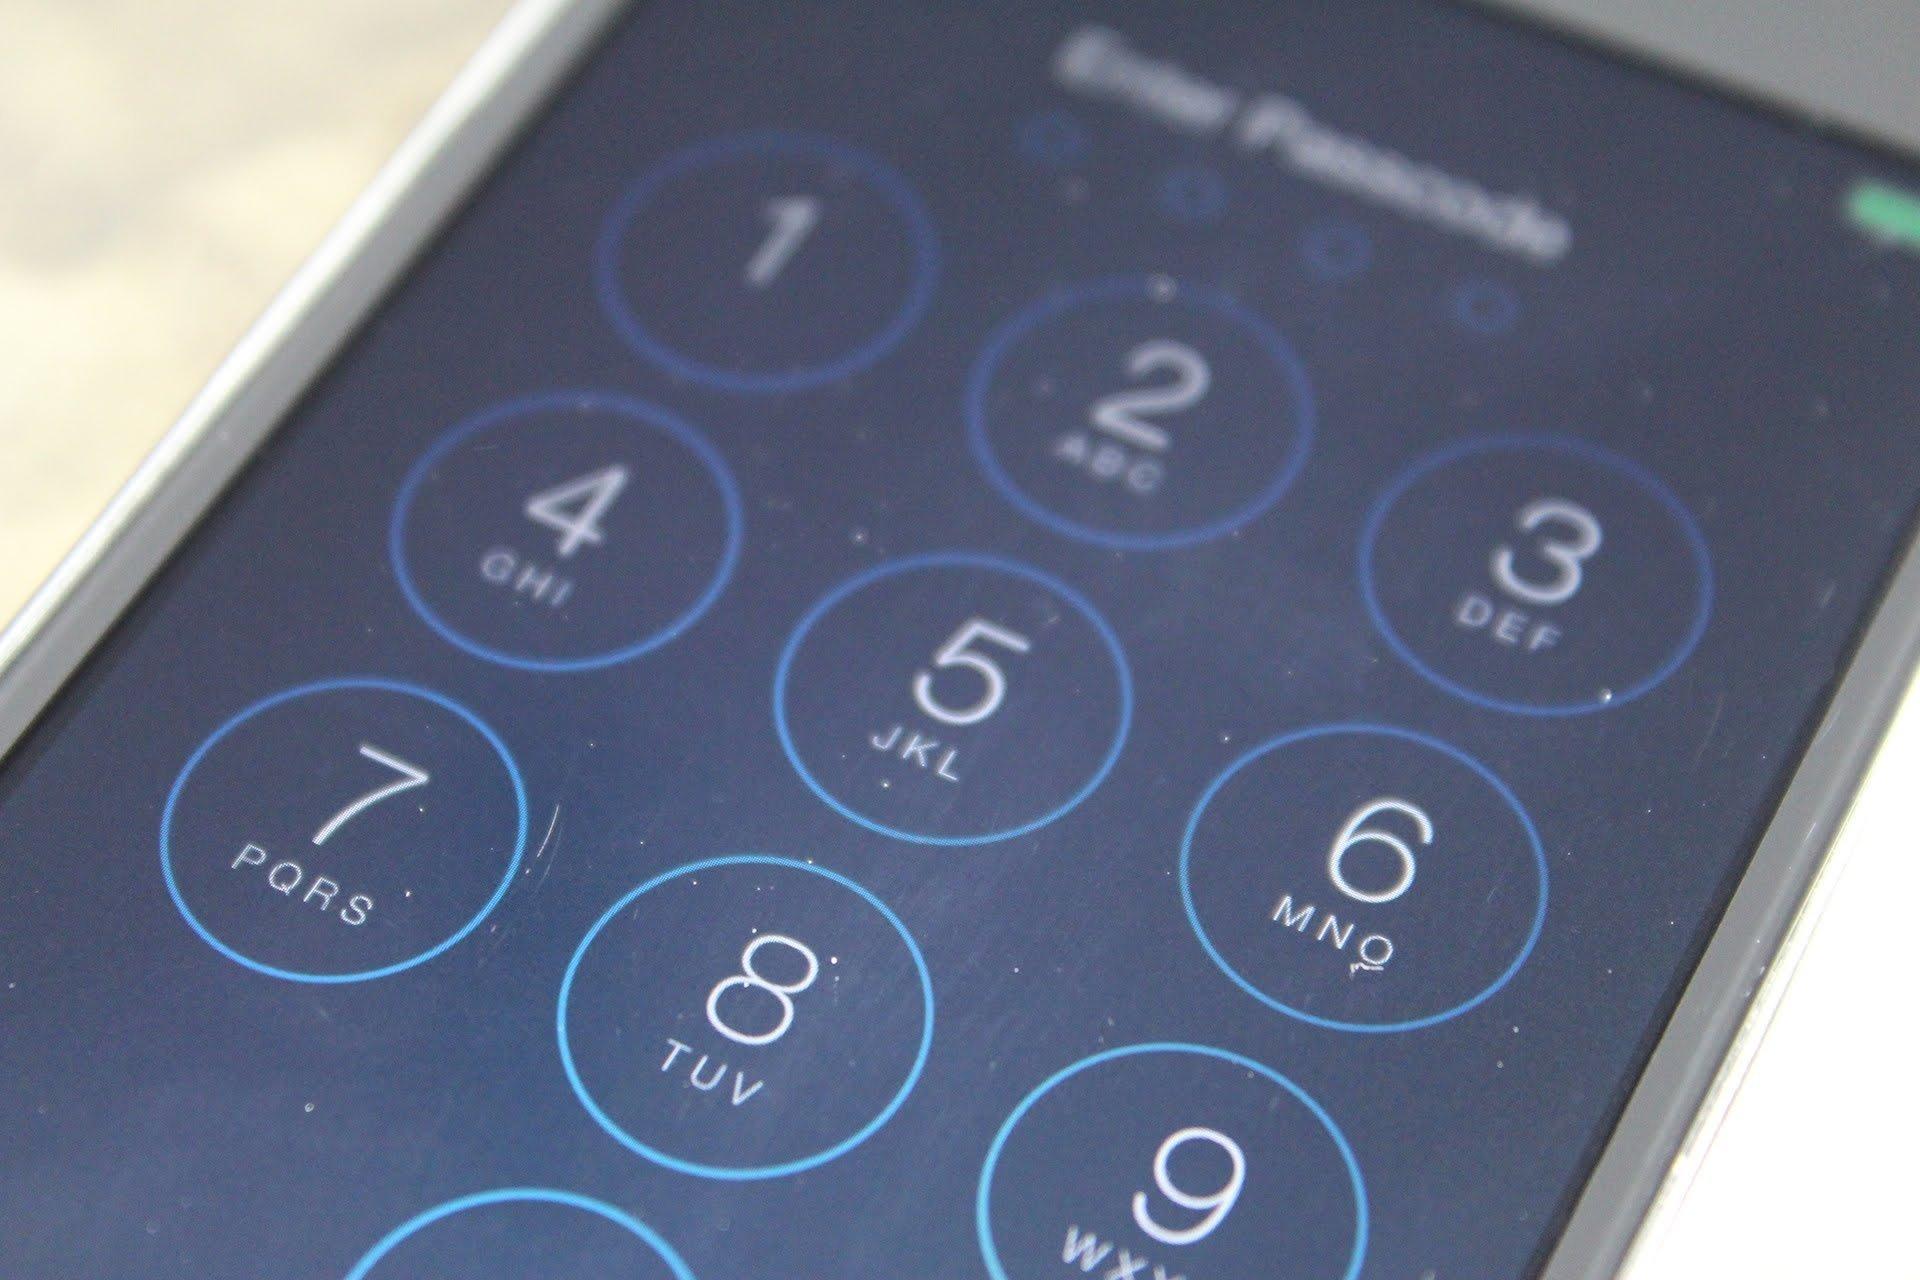 как снять ограничения на айфоне